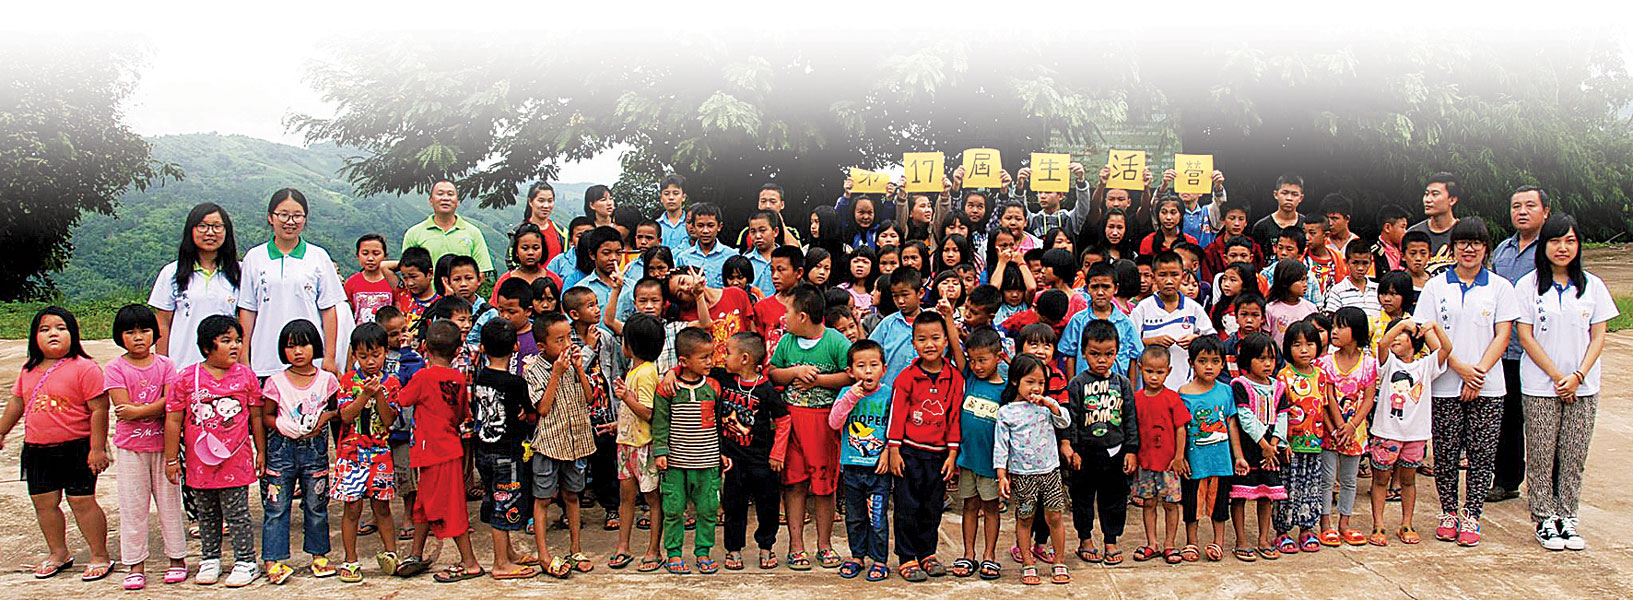 泰国清莱中华文化教育协会的目标是协助贫穷学生,培训师资及完善教学课程等。(照片取自泰国清莱中华文化教育协会脸书)。